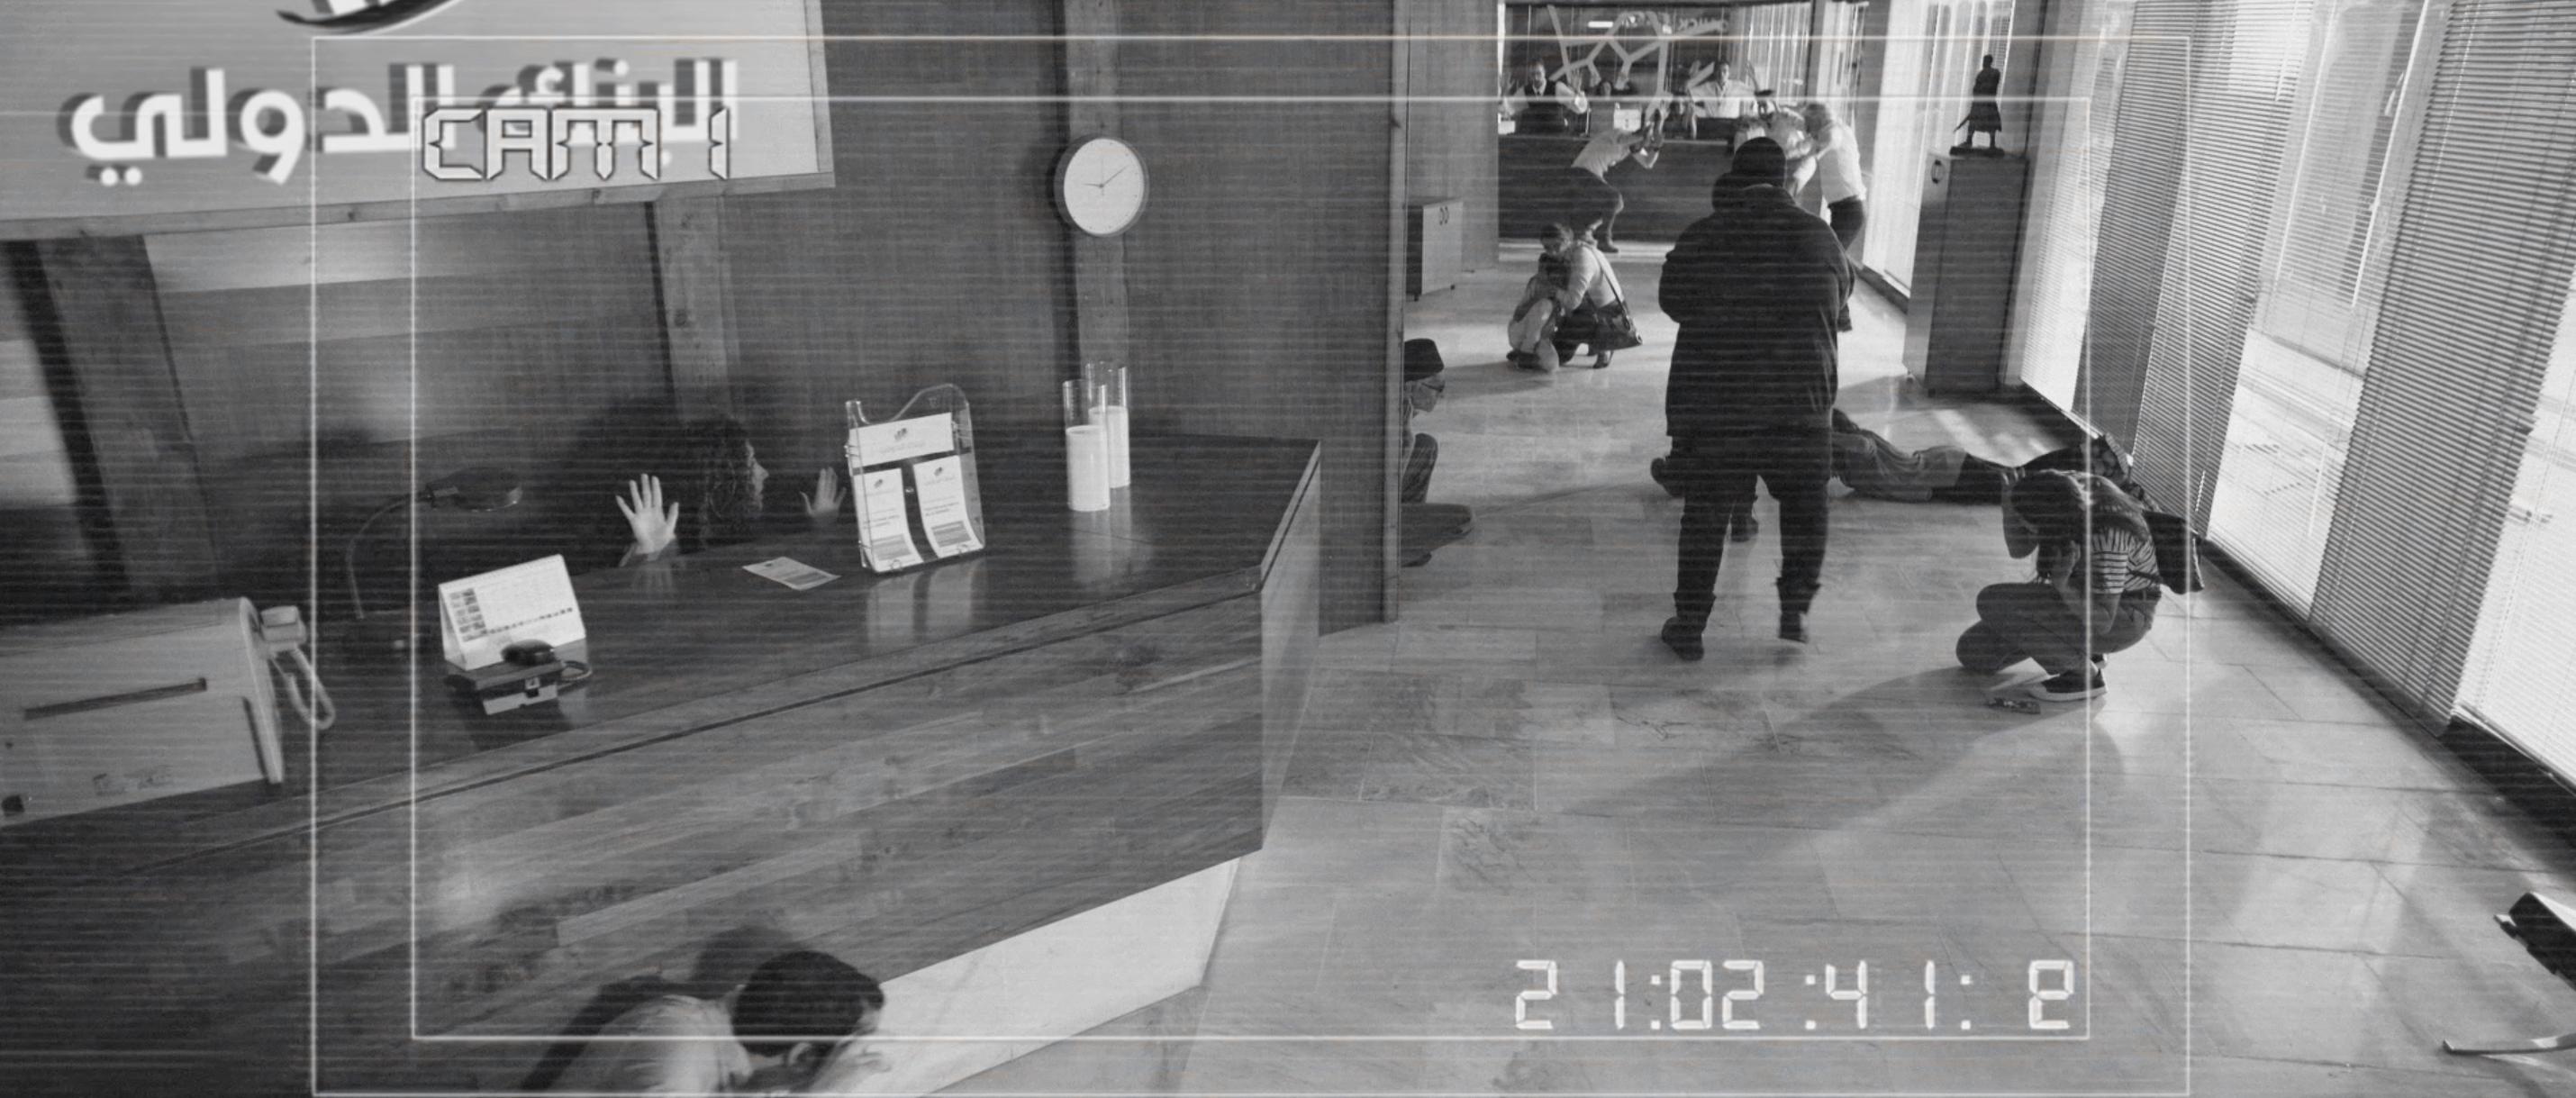 Capture d'écran 2019-11-20 à 12.27.38 PM